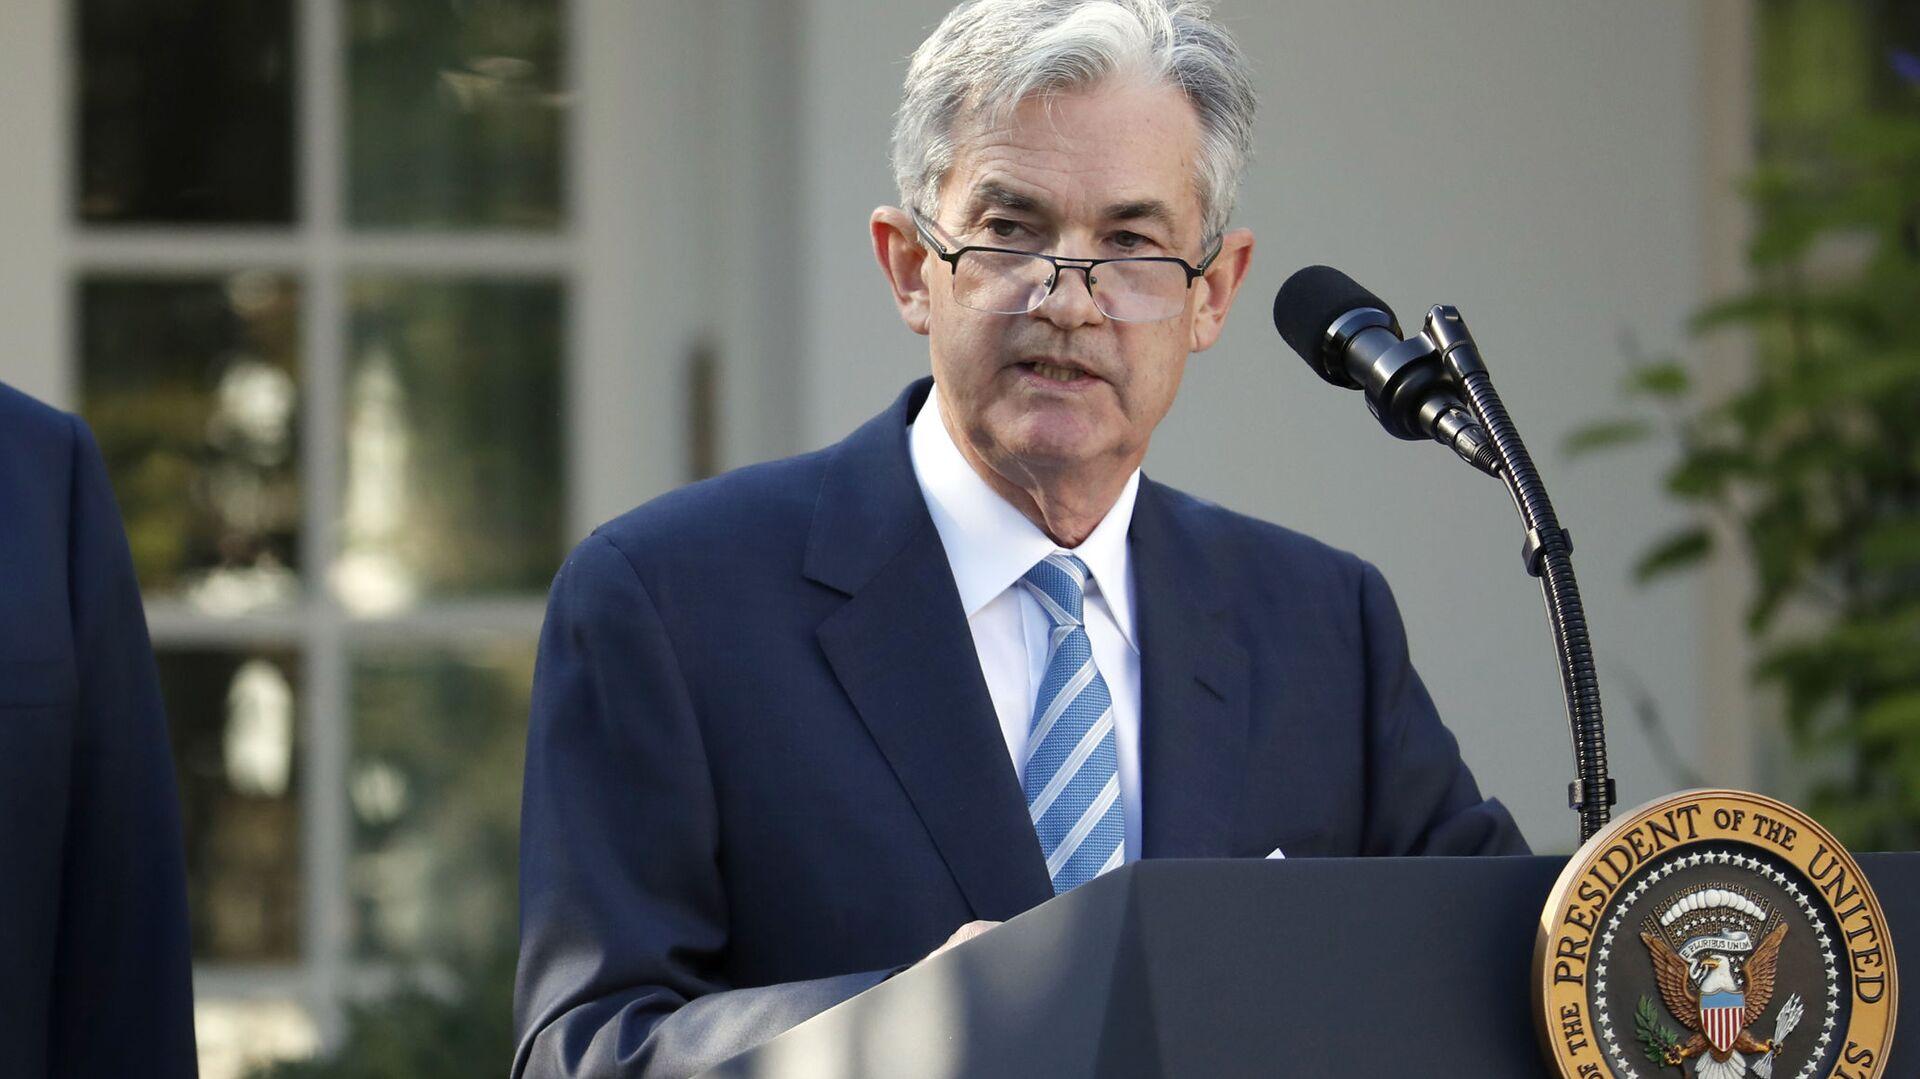 Jerome Powell interviene dopo che il presidente statunitense Donald Trump l'ha nominato il suo candidato al posto del capo del Federal Reserve. - Sputnik Italia, 1920, 02.09.2021